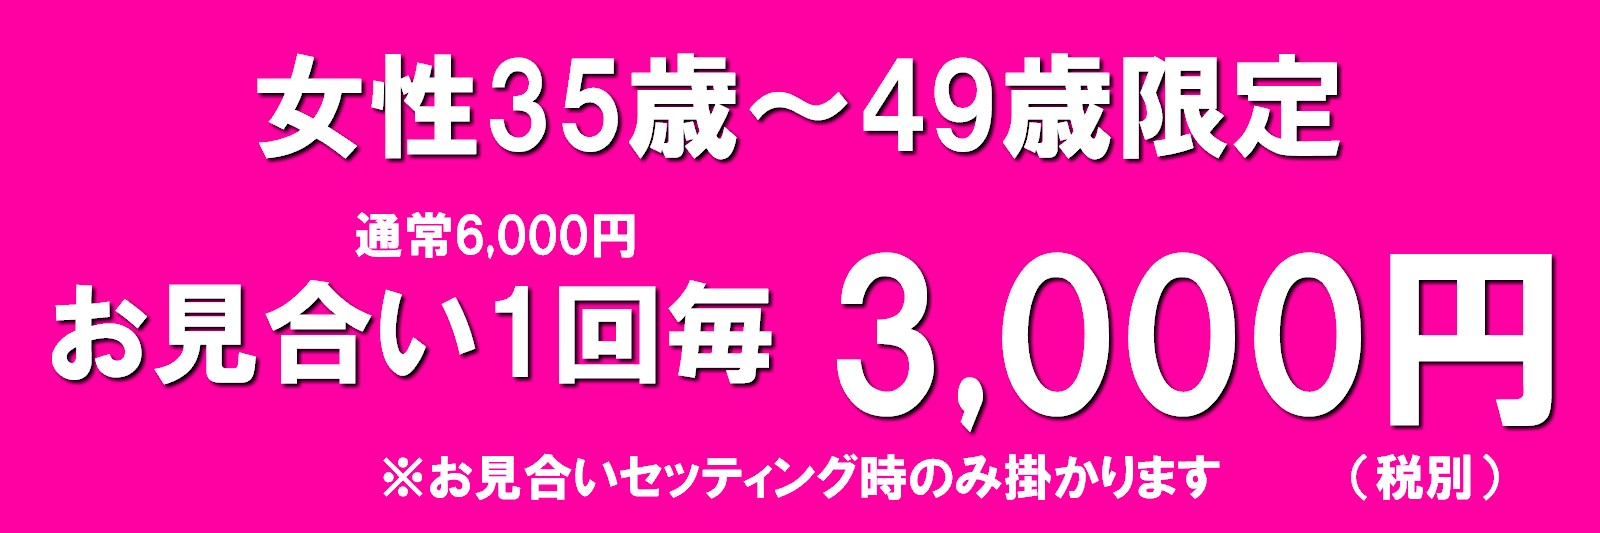 成功報酬型婚活|女性35歳~49歳限定クーポン・お見合い1回【3,000円】